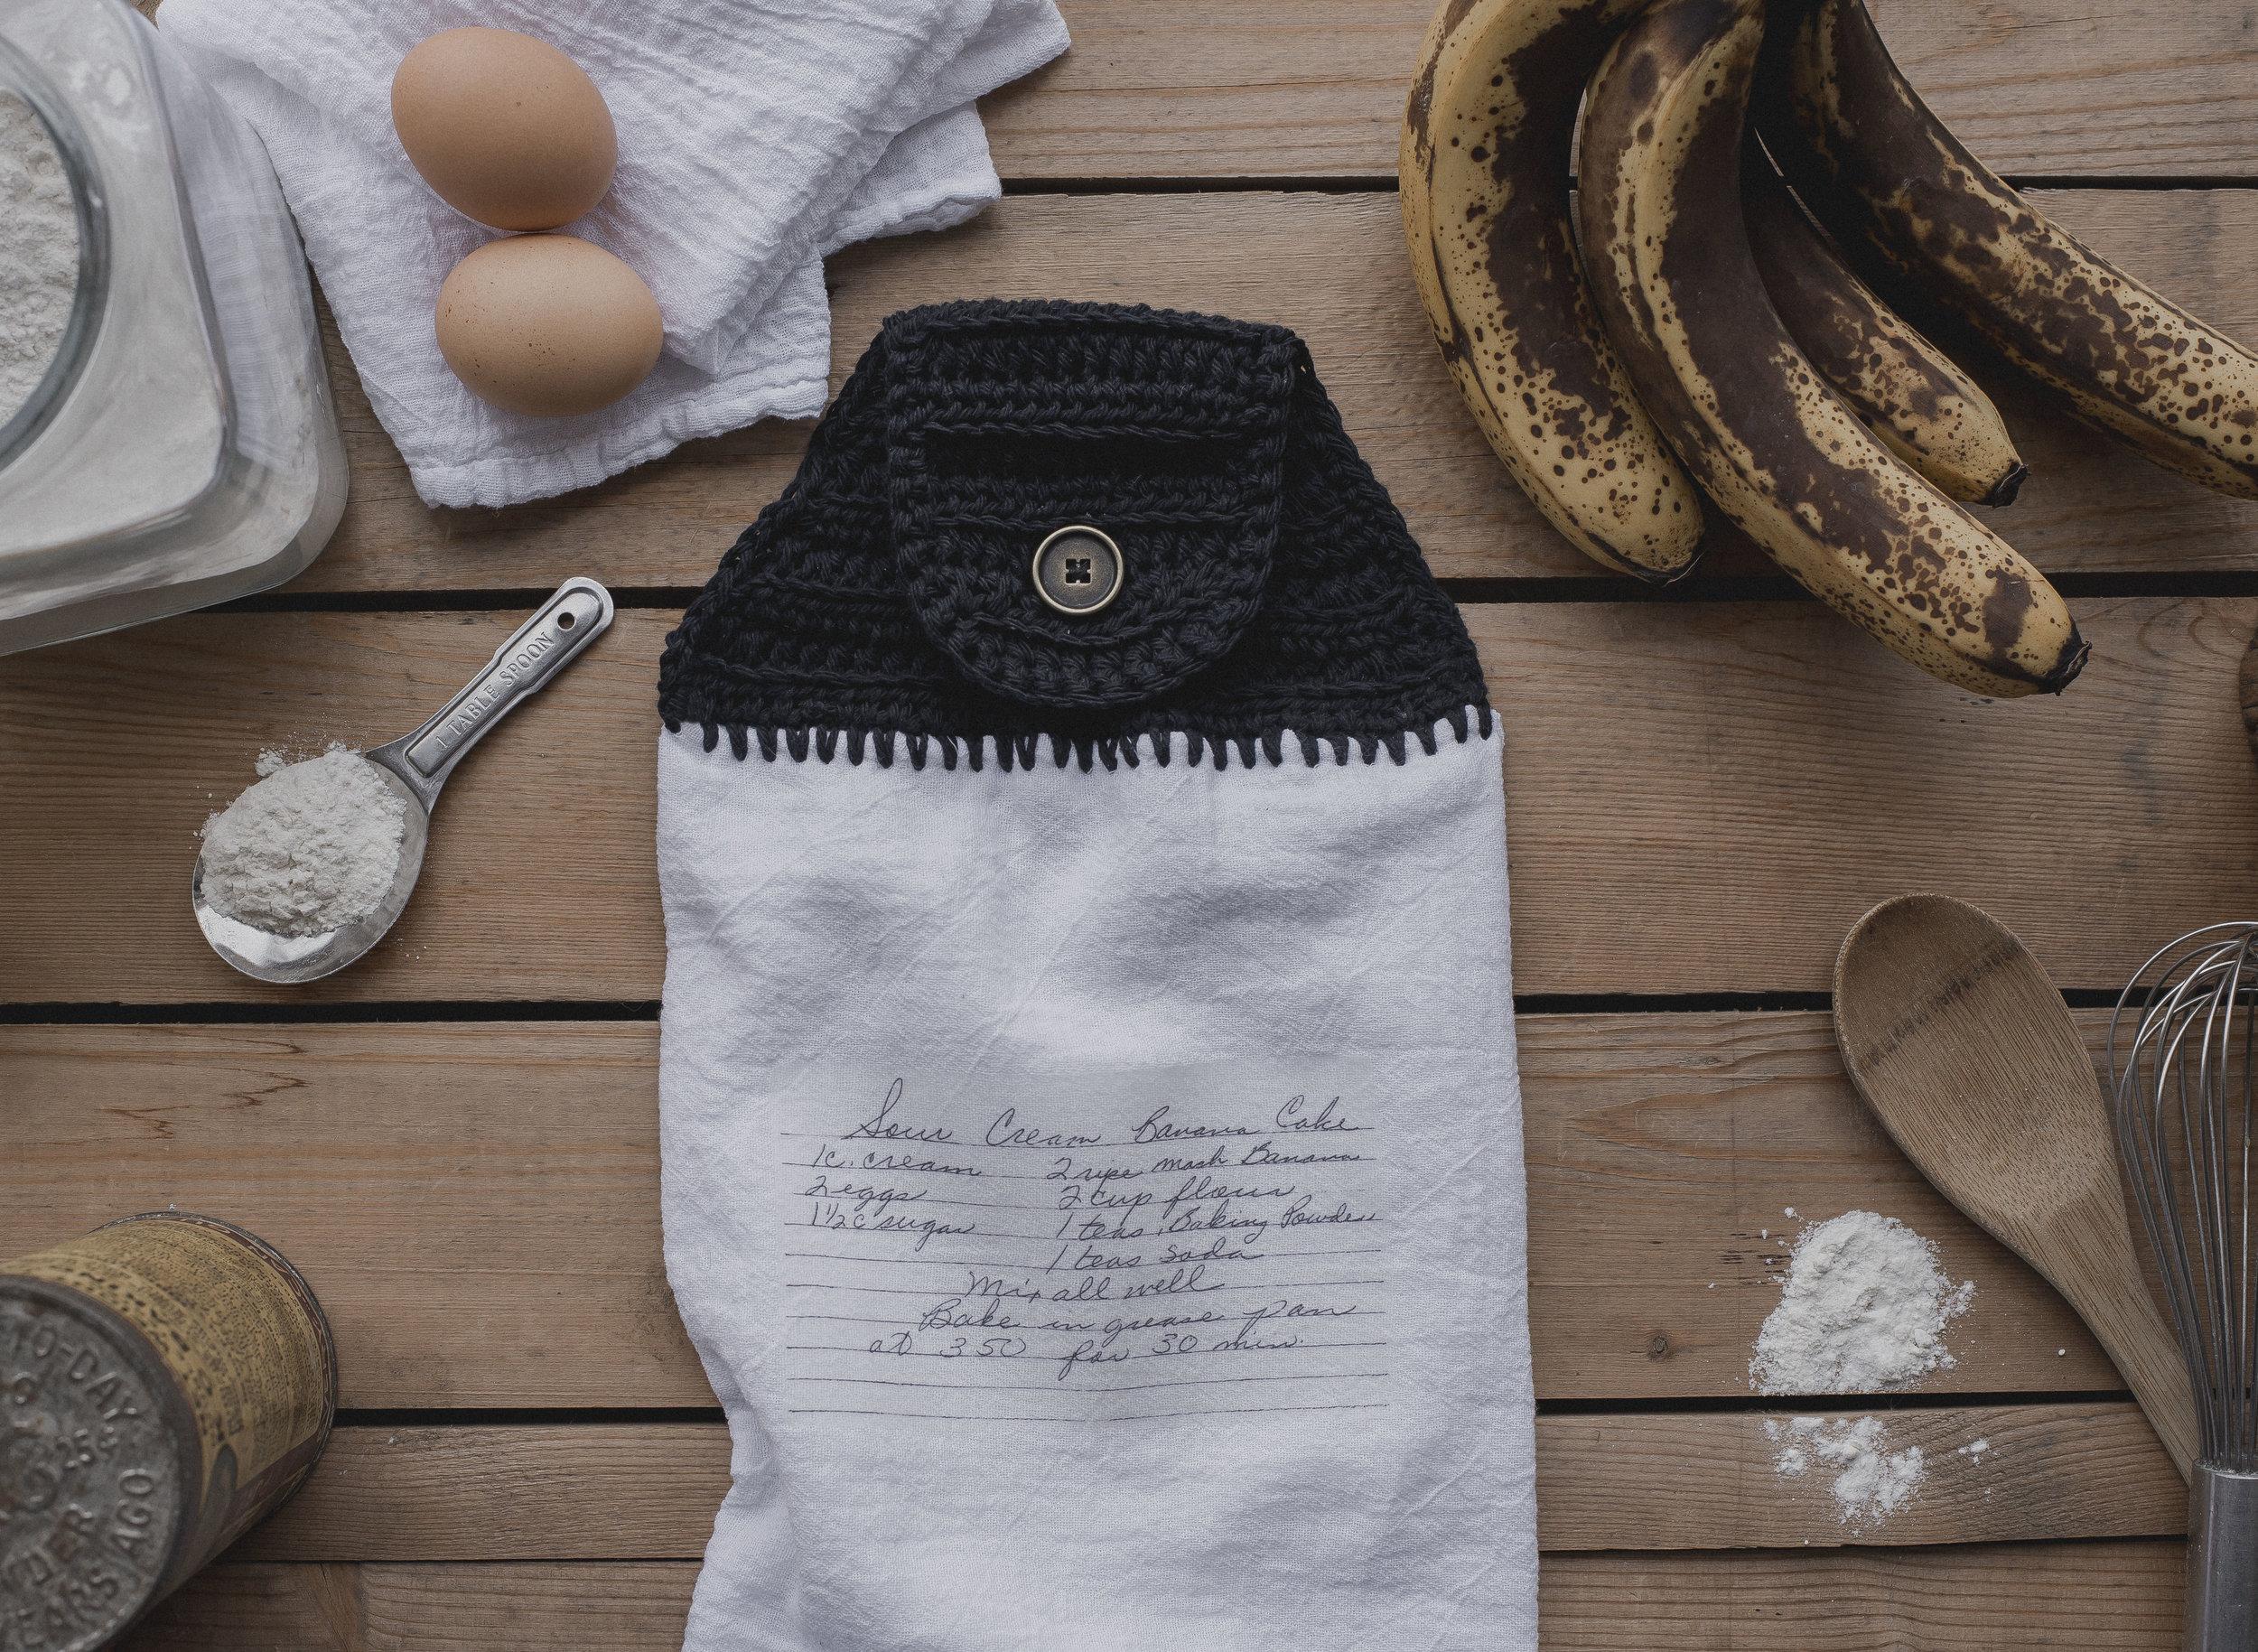 Free Crochet Pattern for Recipe Towel